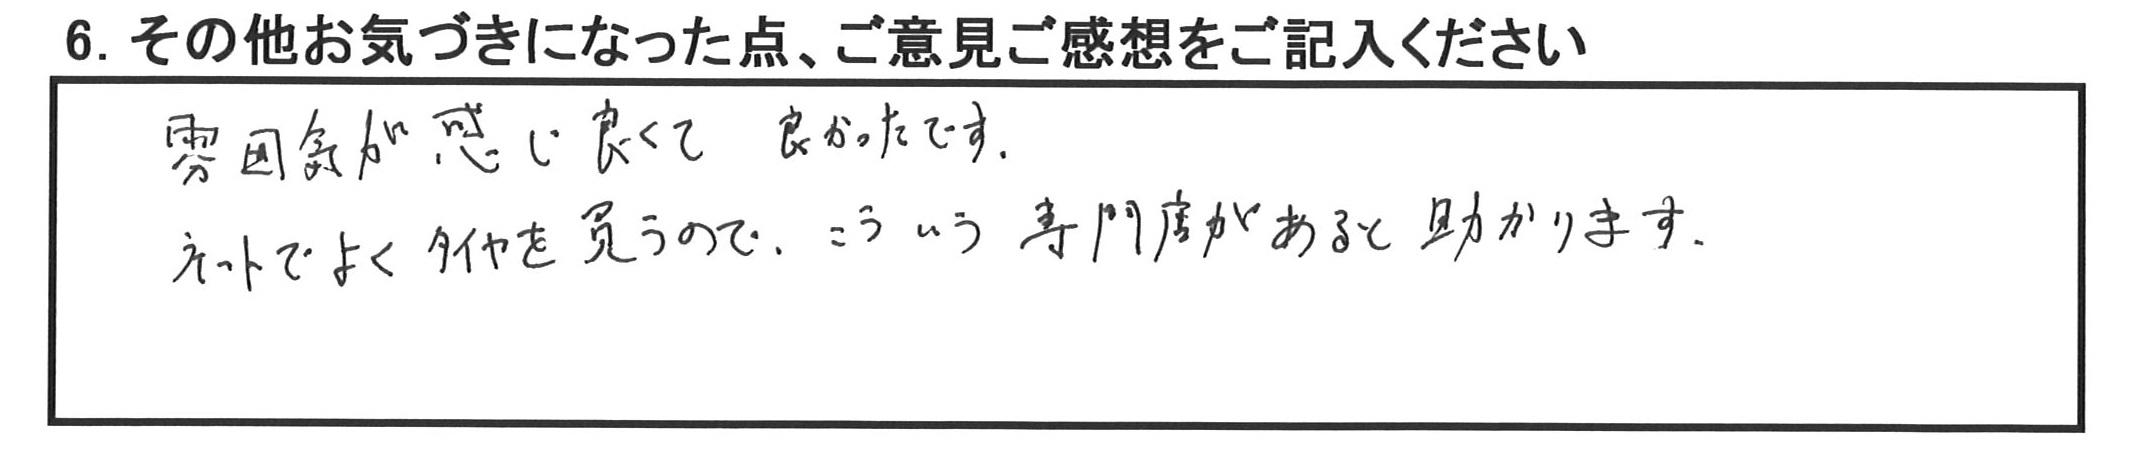 ホンダS2000の横浜市N様より、うれしい声をいただきました